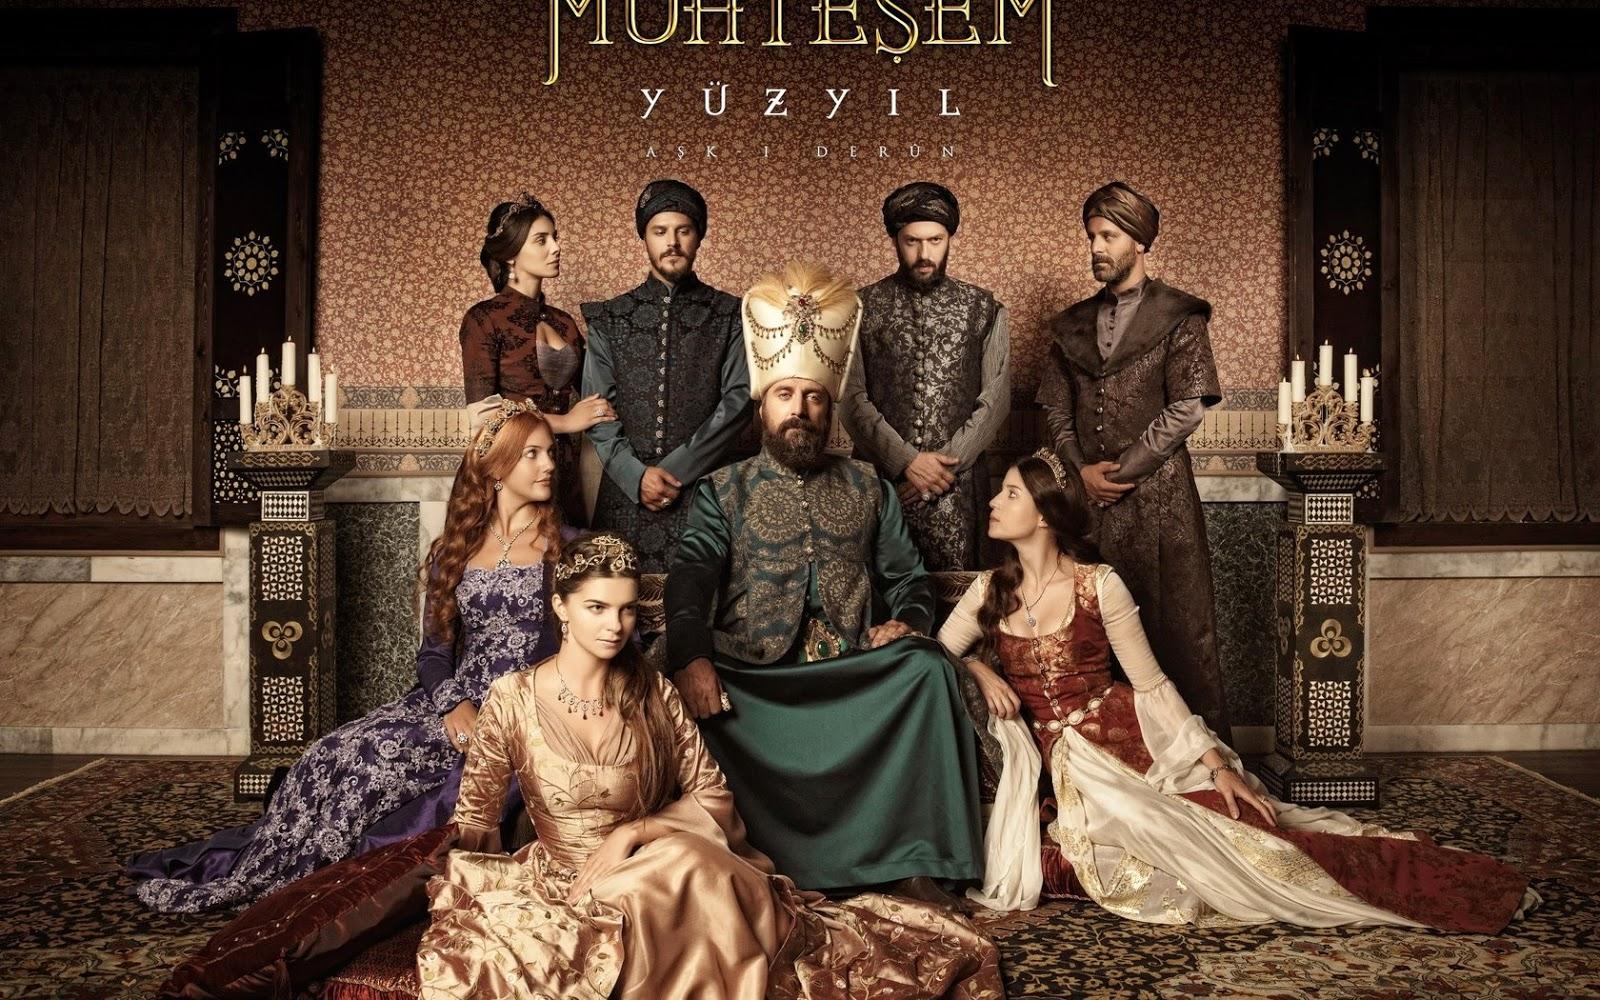 Bagaimana kisah alam megaserial King Suleiman menyihir jutaan penonton?